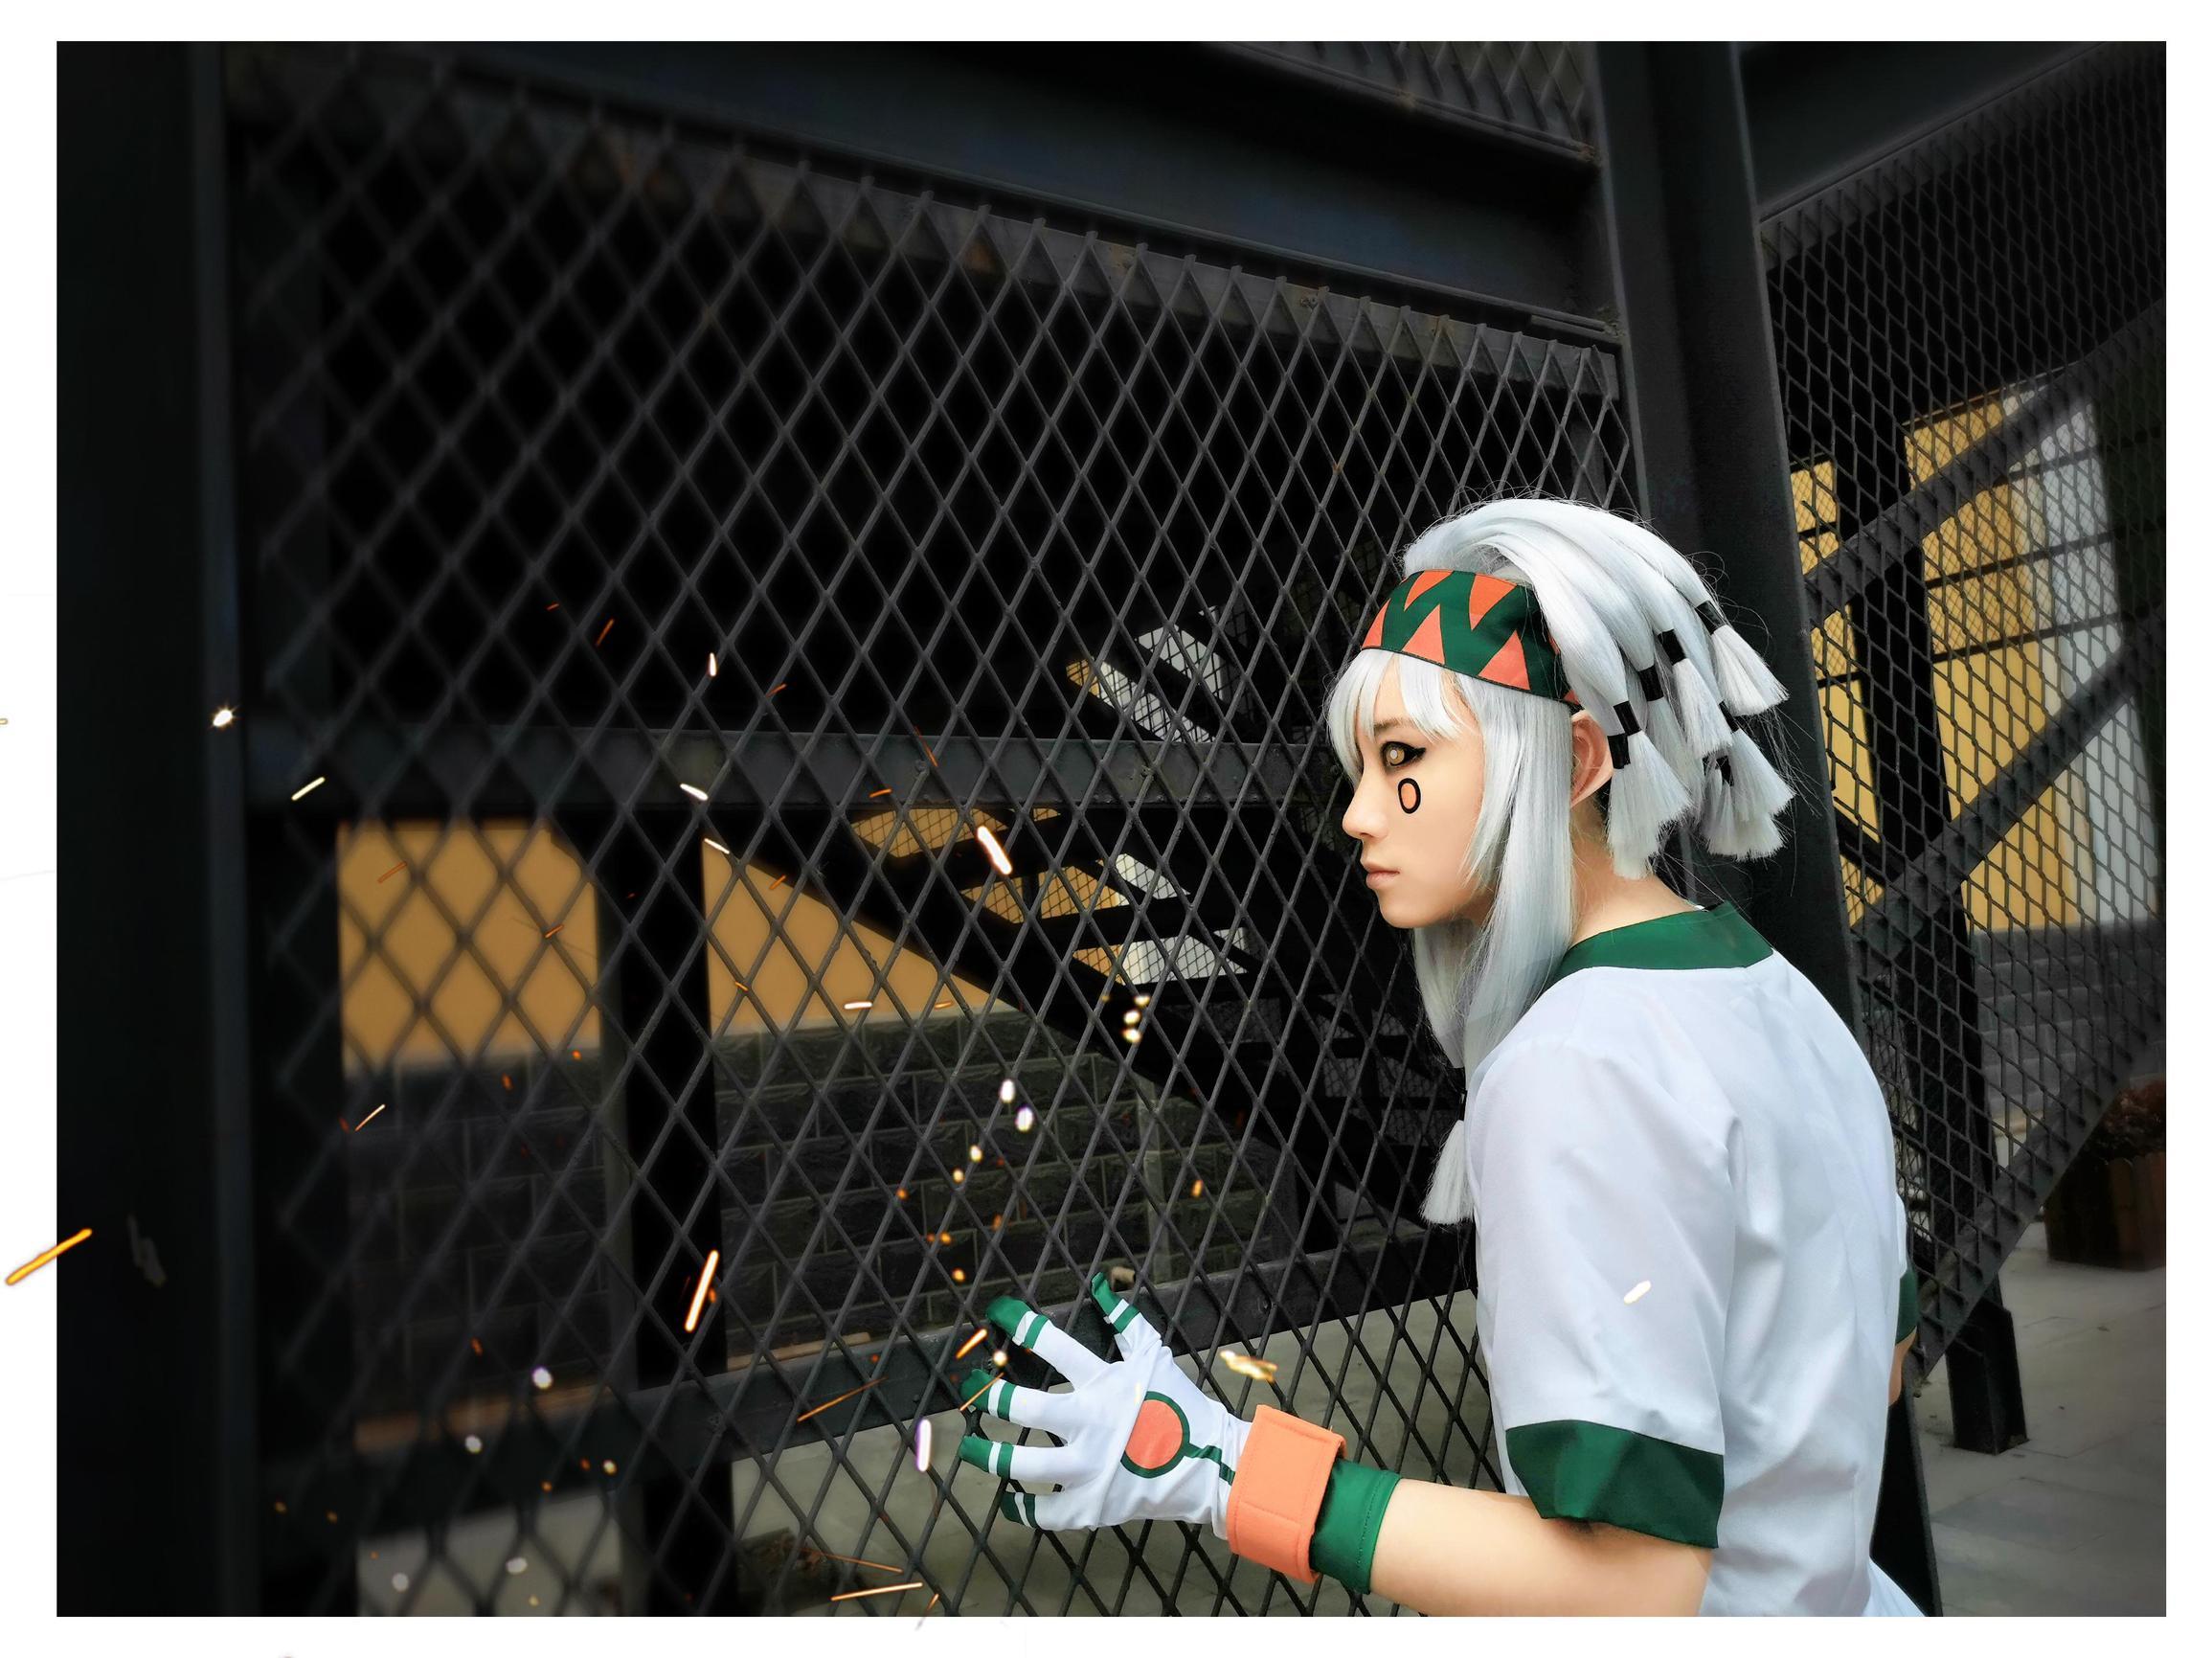 《凹凸世界》帕洛斯cosplay【CN:狐狸星】 -cosplay制造者图片插图